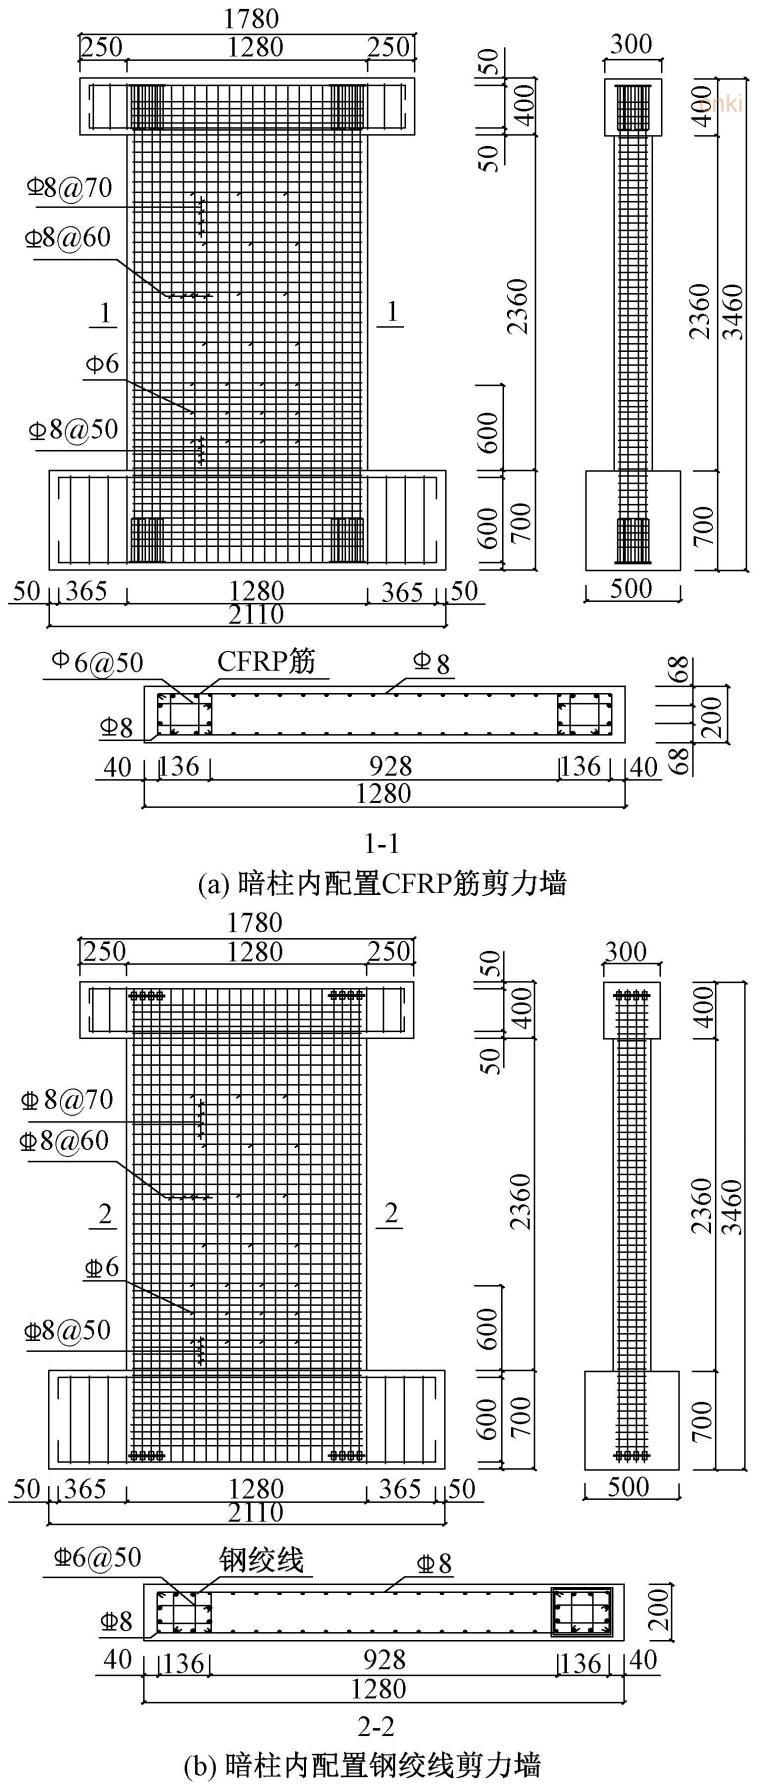 暗柱中不同高强筋材对剪力墙抗震性能的影响-墙体配筋图